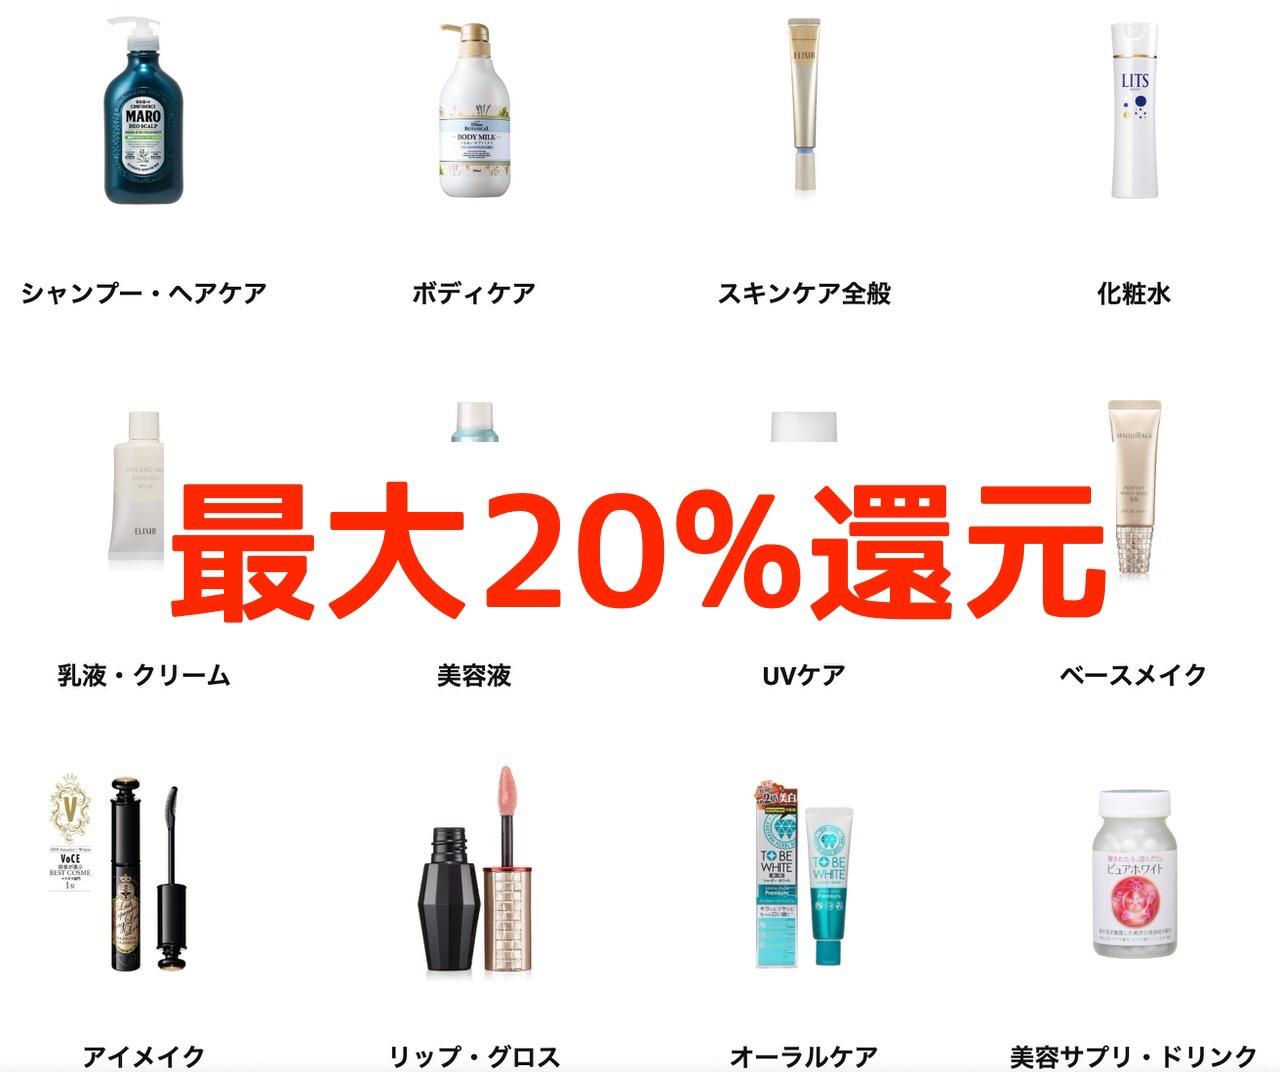 【最大20%ポイント還元】資生堂、カネボウ、コーセーなど化粧品がAmazonタイムセール祭りでお買い得に【プライム会員限定】